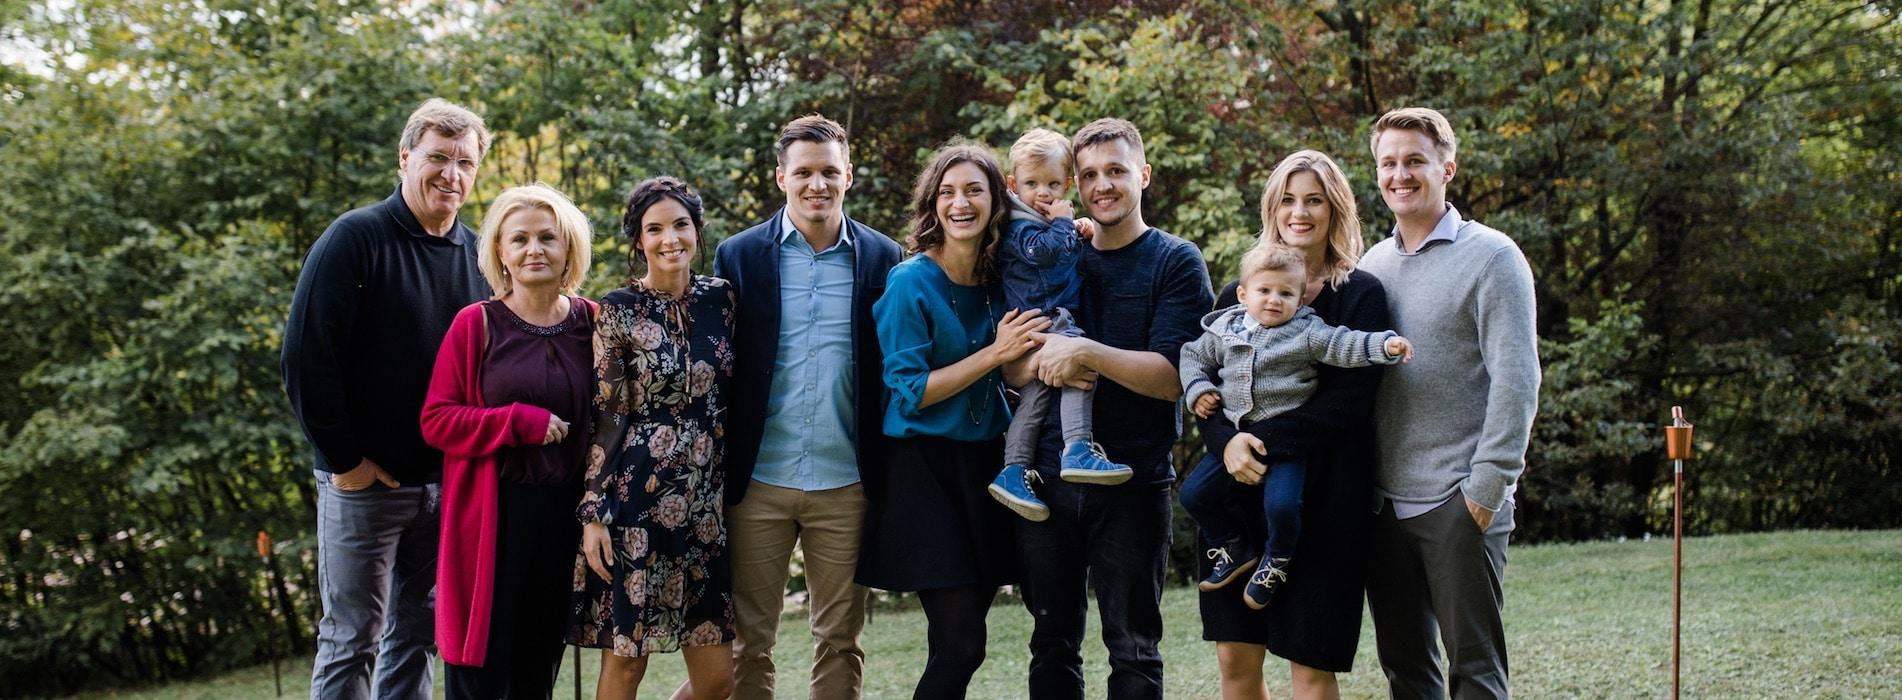 Mit Herz und Seele betreibt unsere Familie die Hochzeitslocation Hoher Darsberg